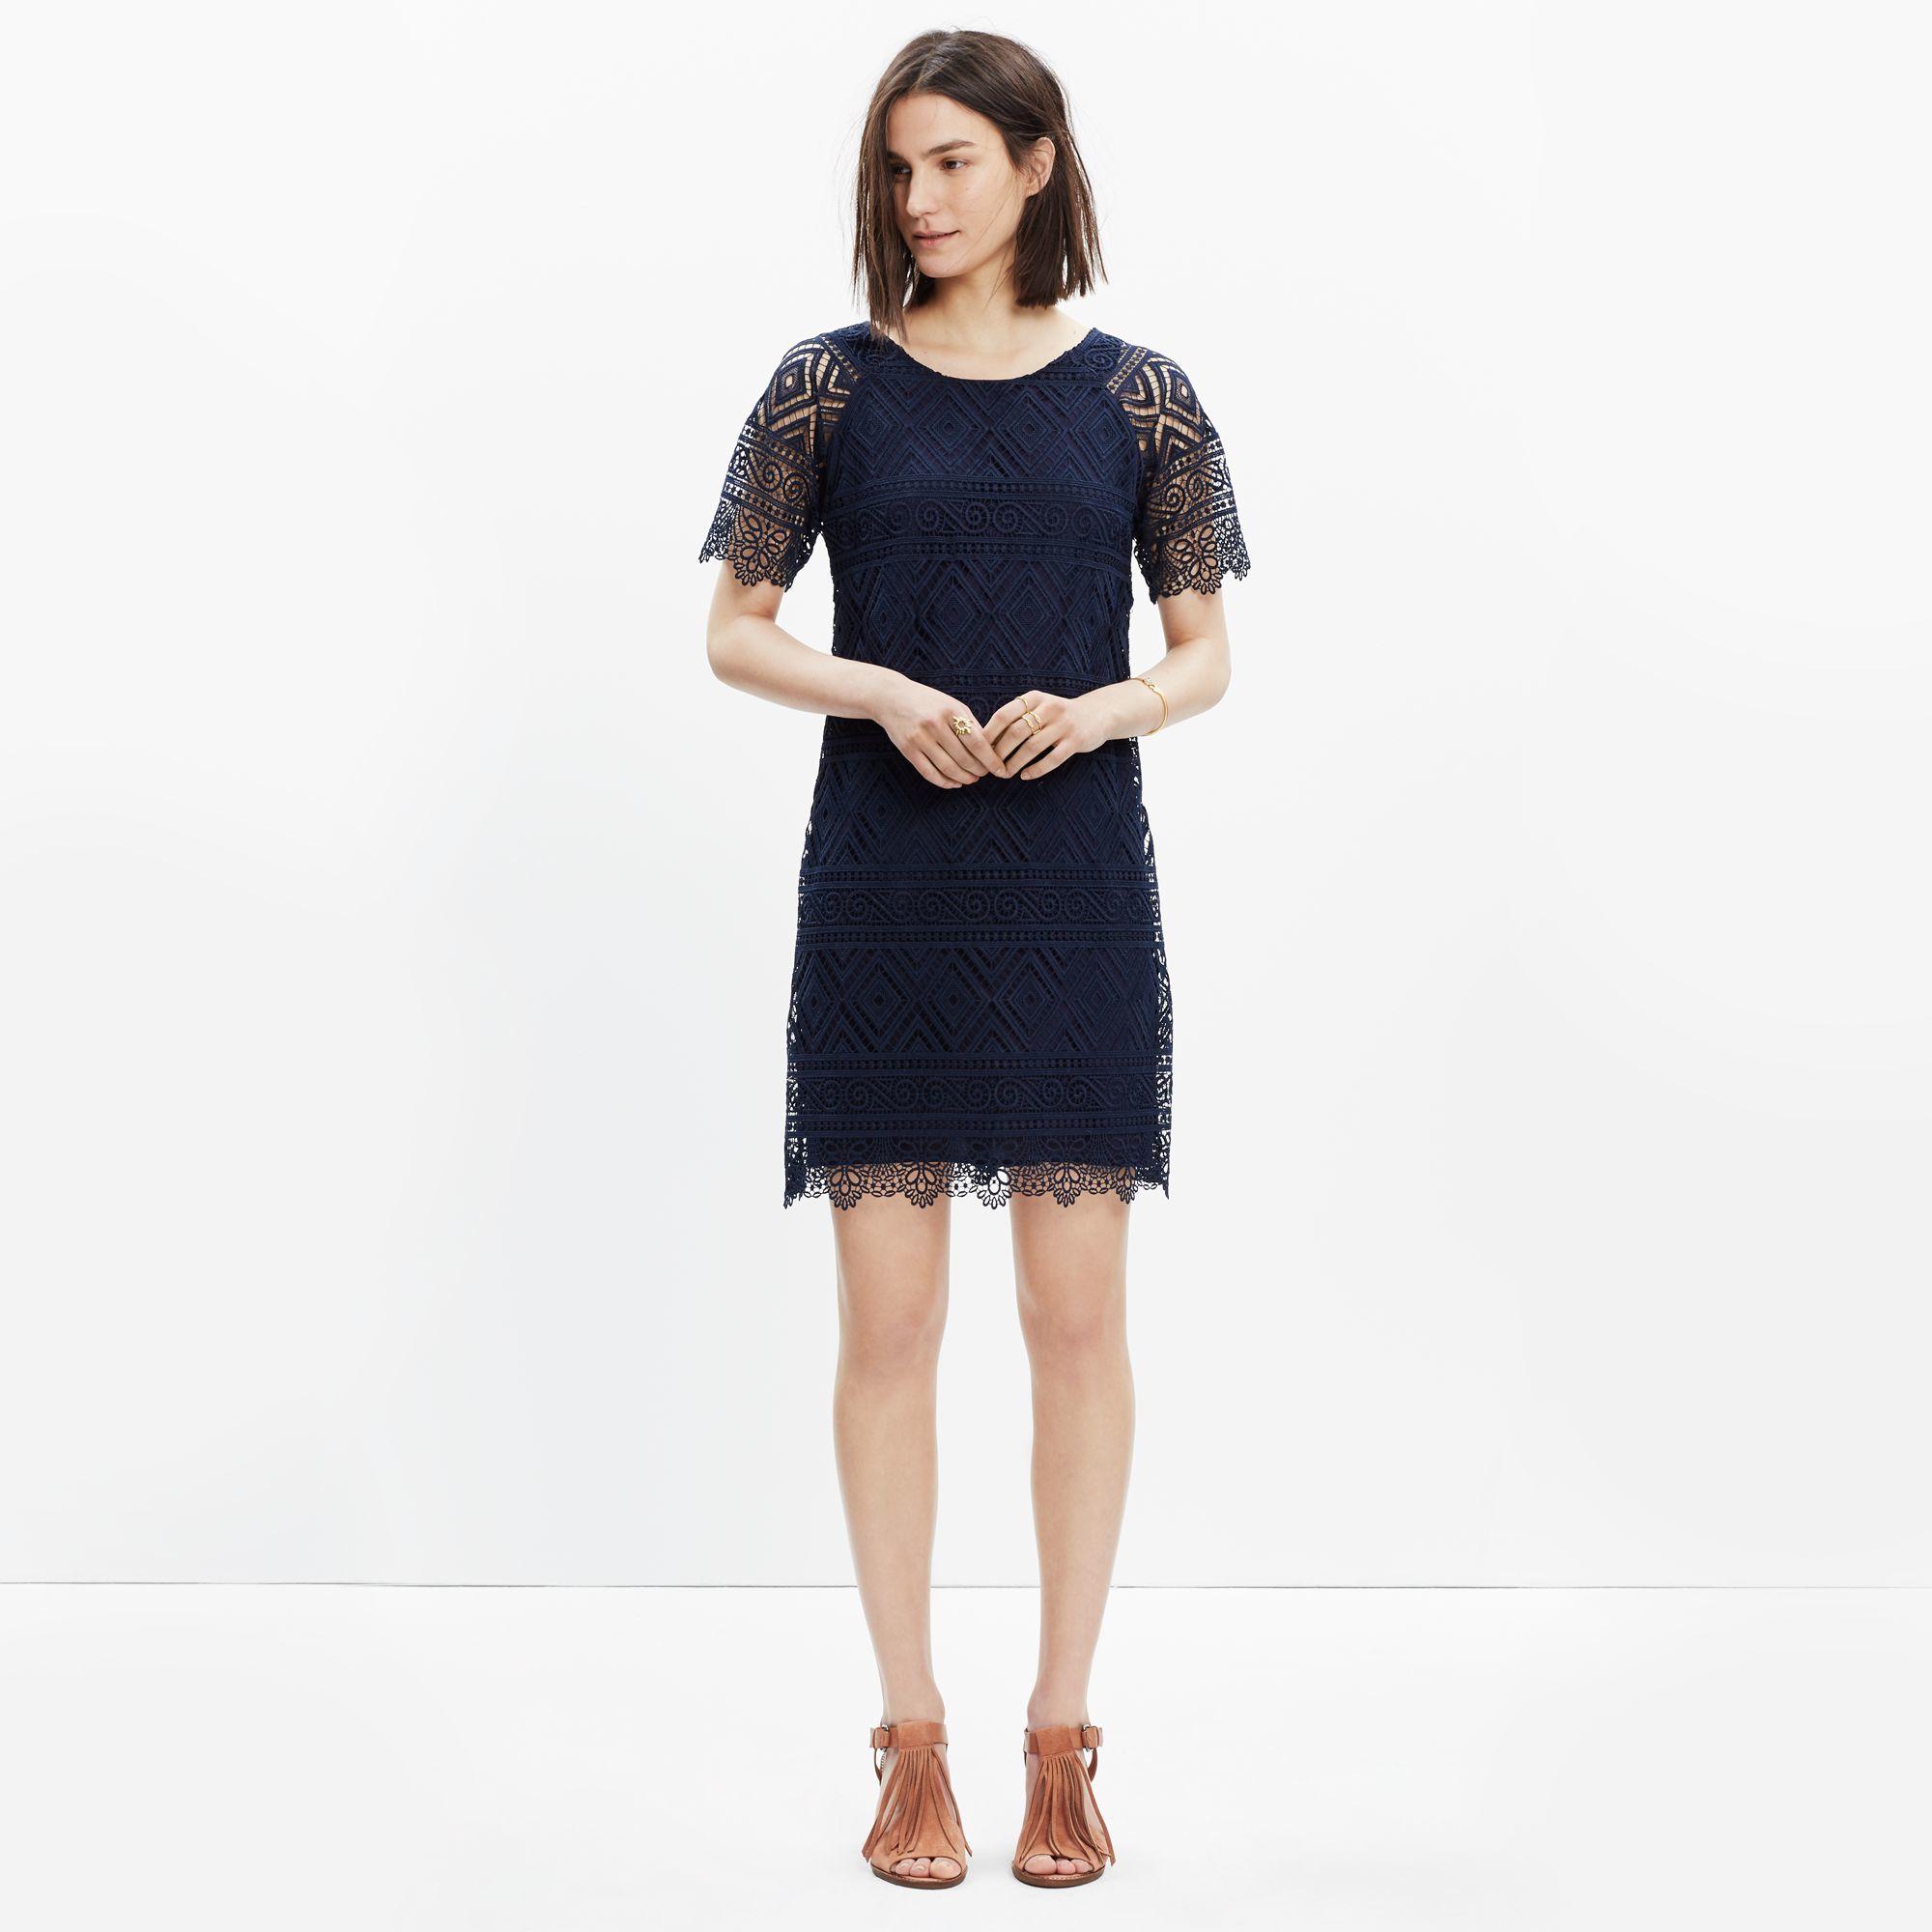 Madewell Dresses